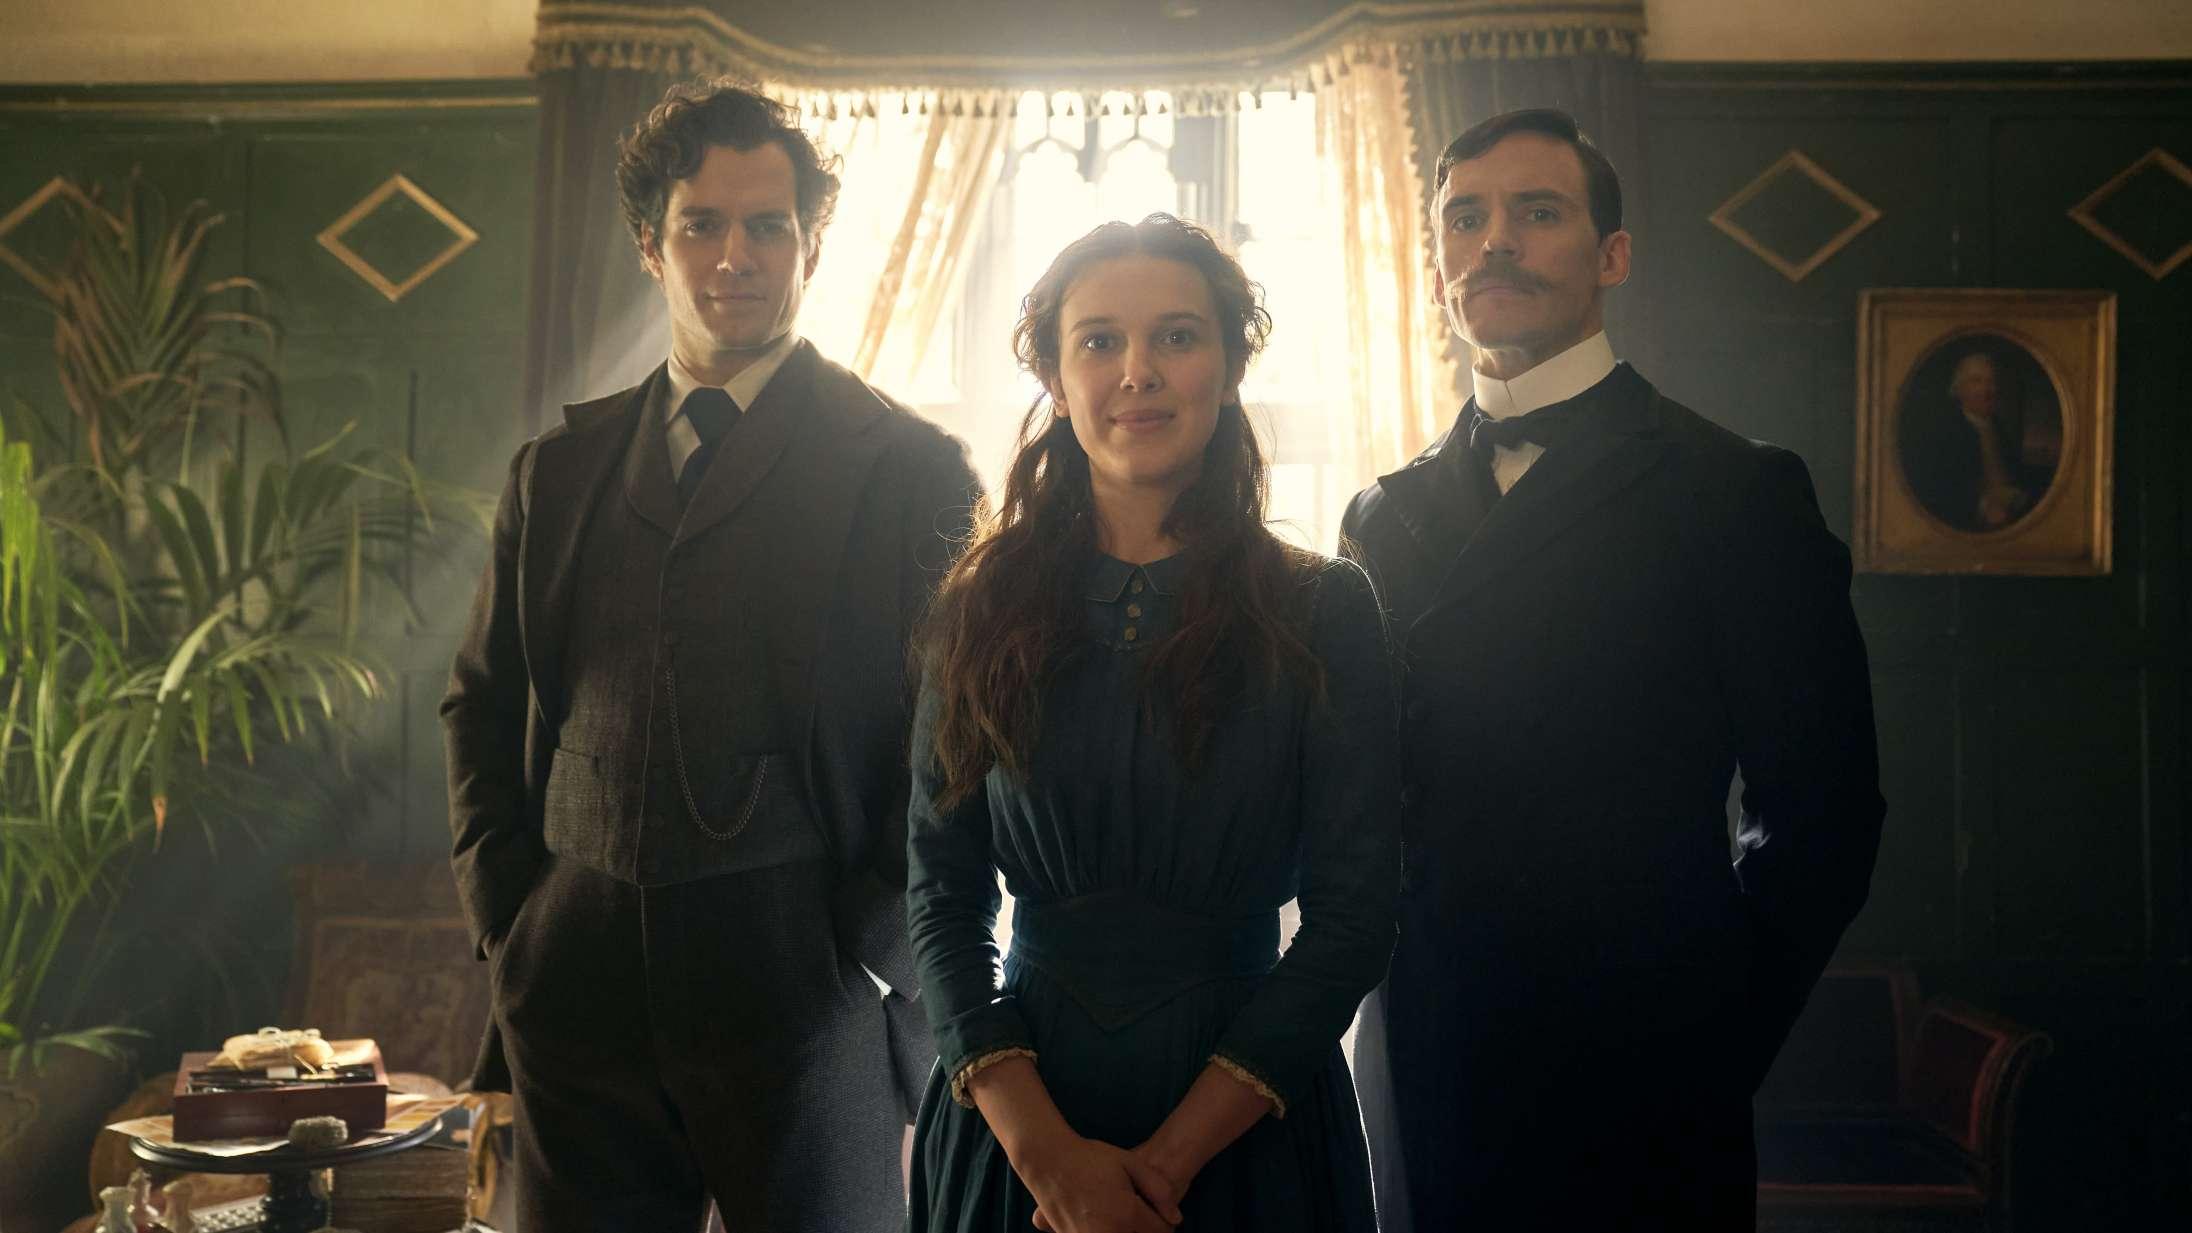 Millie Bobby Brown giver Sherlock baghjul i første trailer til Netflix-filmen 'Enola Holmes'